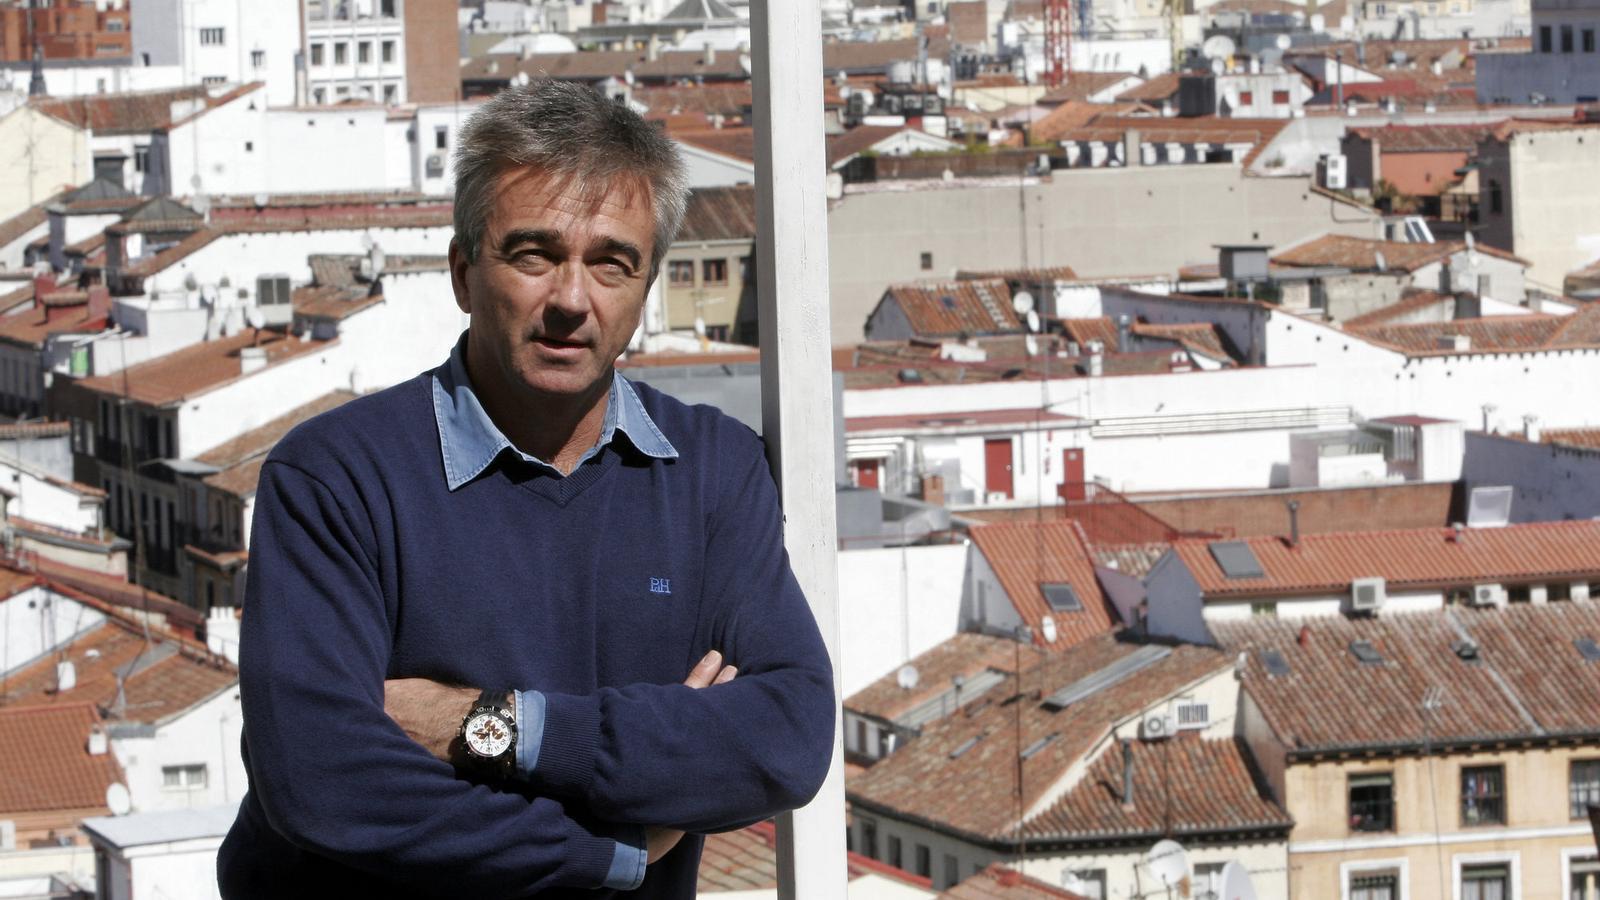 Carles francino reclama una resposta pol tica alguna via for Cadena ser carles francino